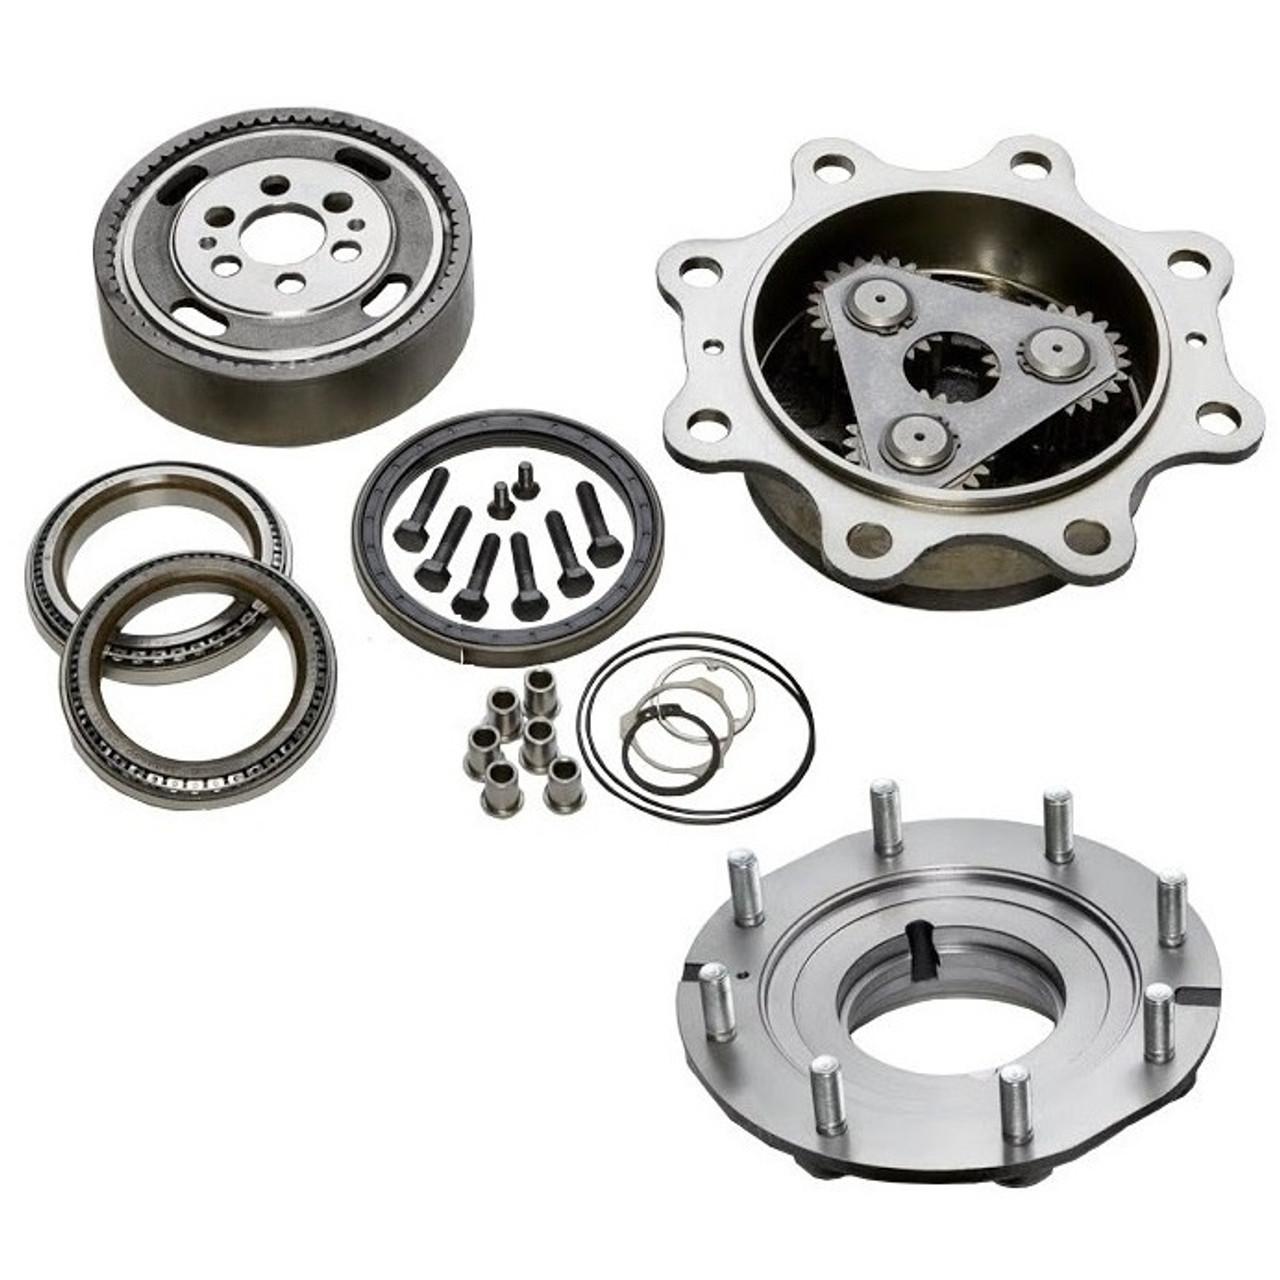 Case 580L, 580M, 580 Super L, 580 Super M Front Axle Parts- Four